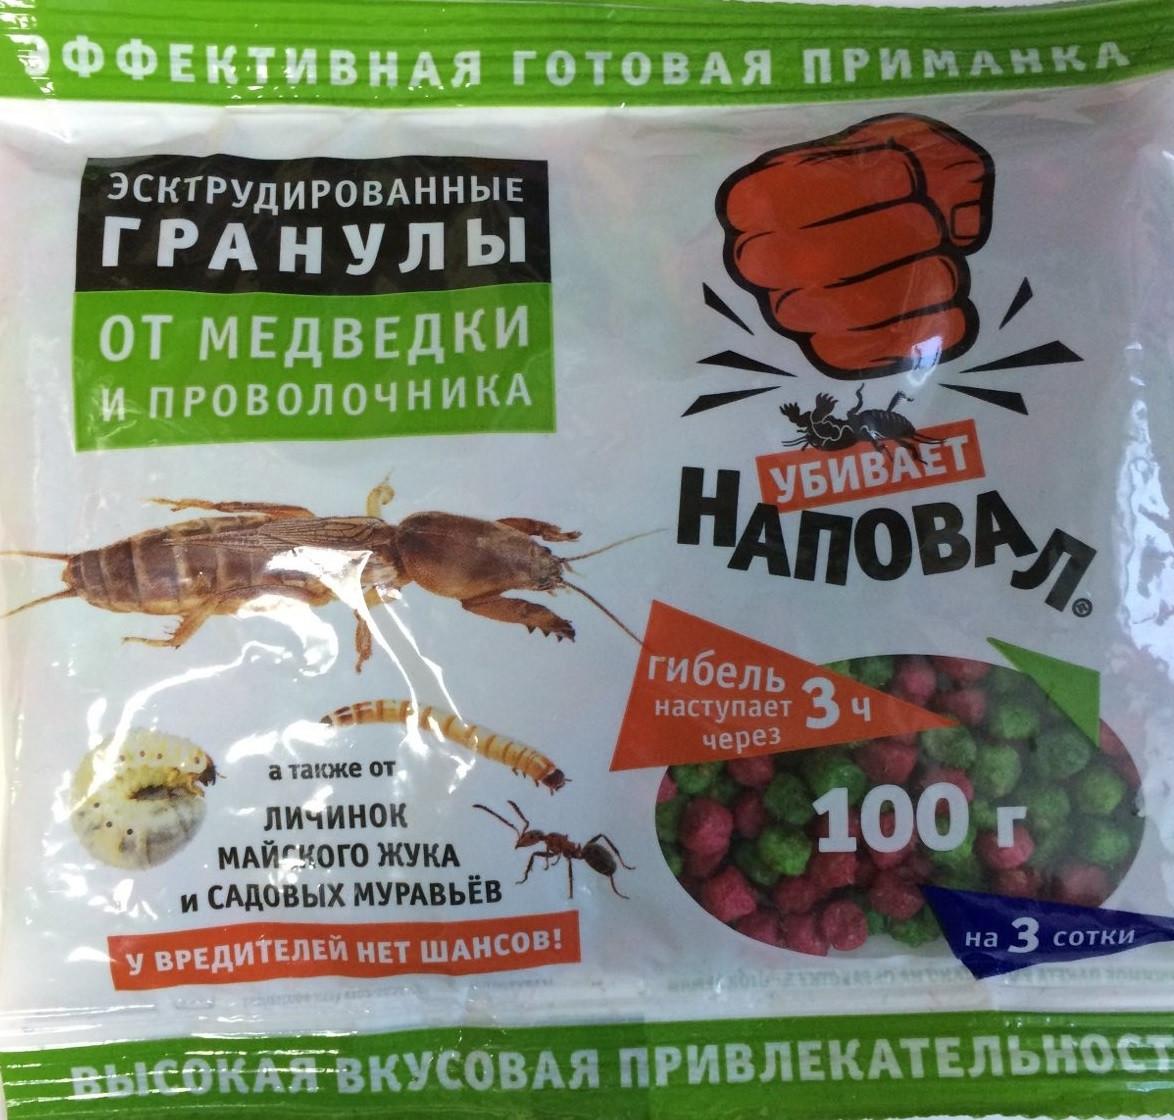 Экструдированные гранулы от медведки и проволочника 100 гр.